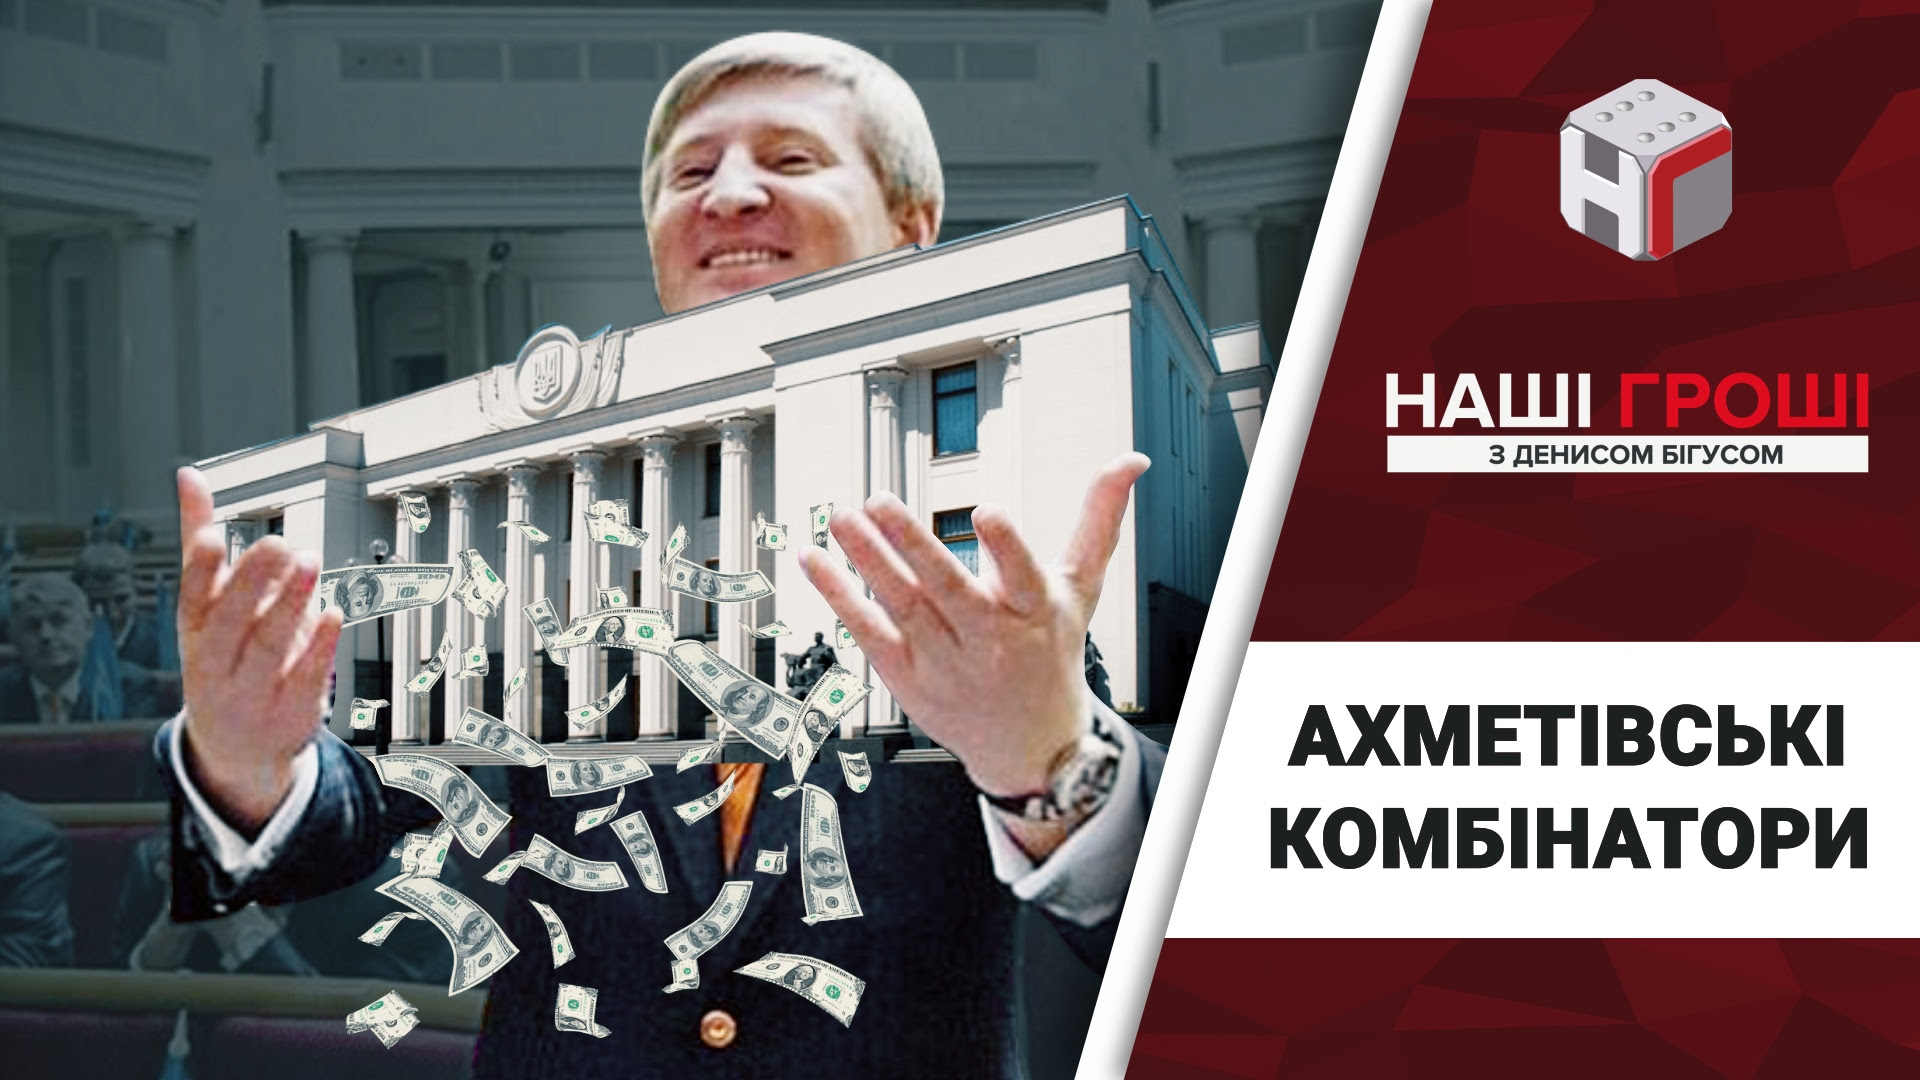 Уряд виділить по 100 тис. грн сім'ям політичних в'язнів, - Гройсман - Цензор.НЕТ 6707